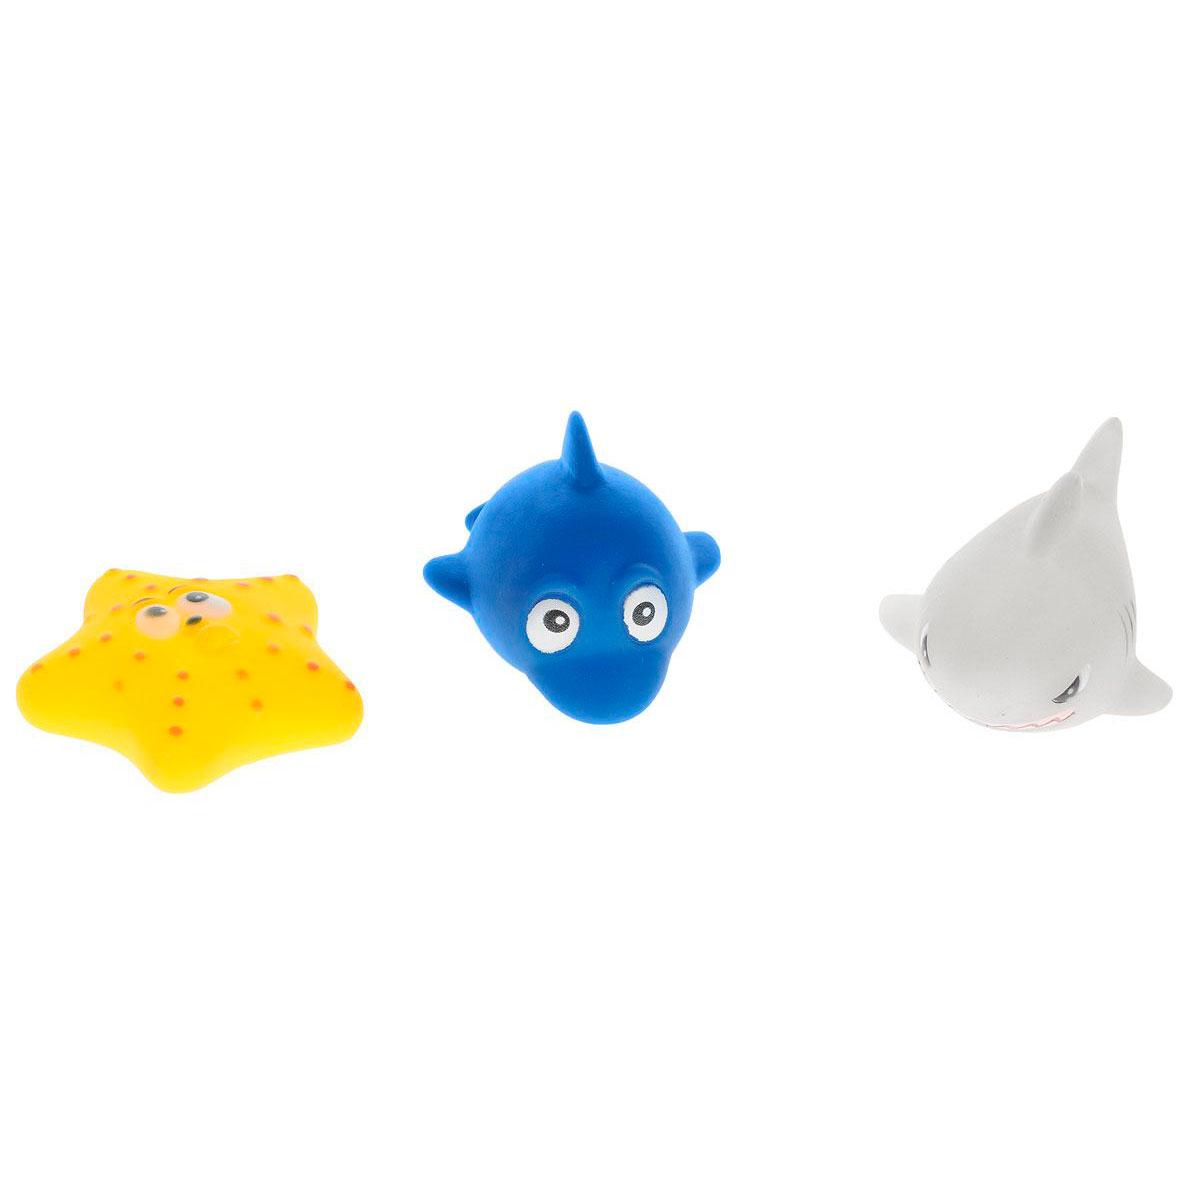 Веселое купание. Набор резиновых морских обитателей для ванной, 3 предметаРезиновые игрушки<br>Веселое купание. Набор резиновых морских обитателей для ванной, 3 предмета<br>